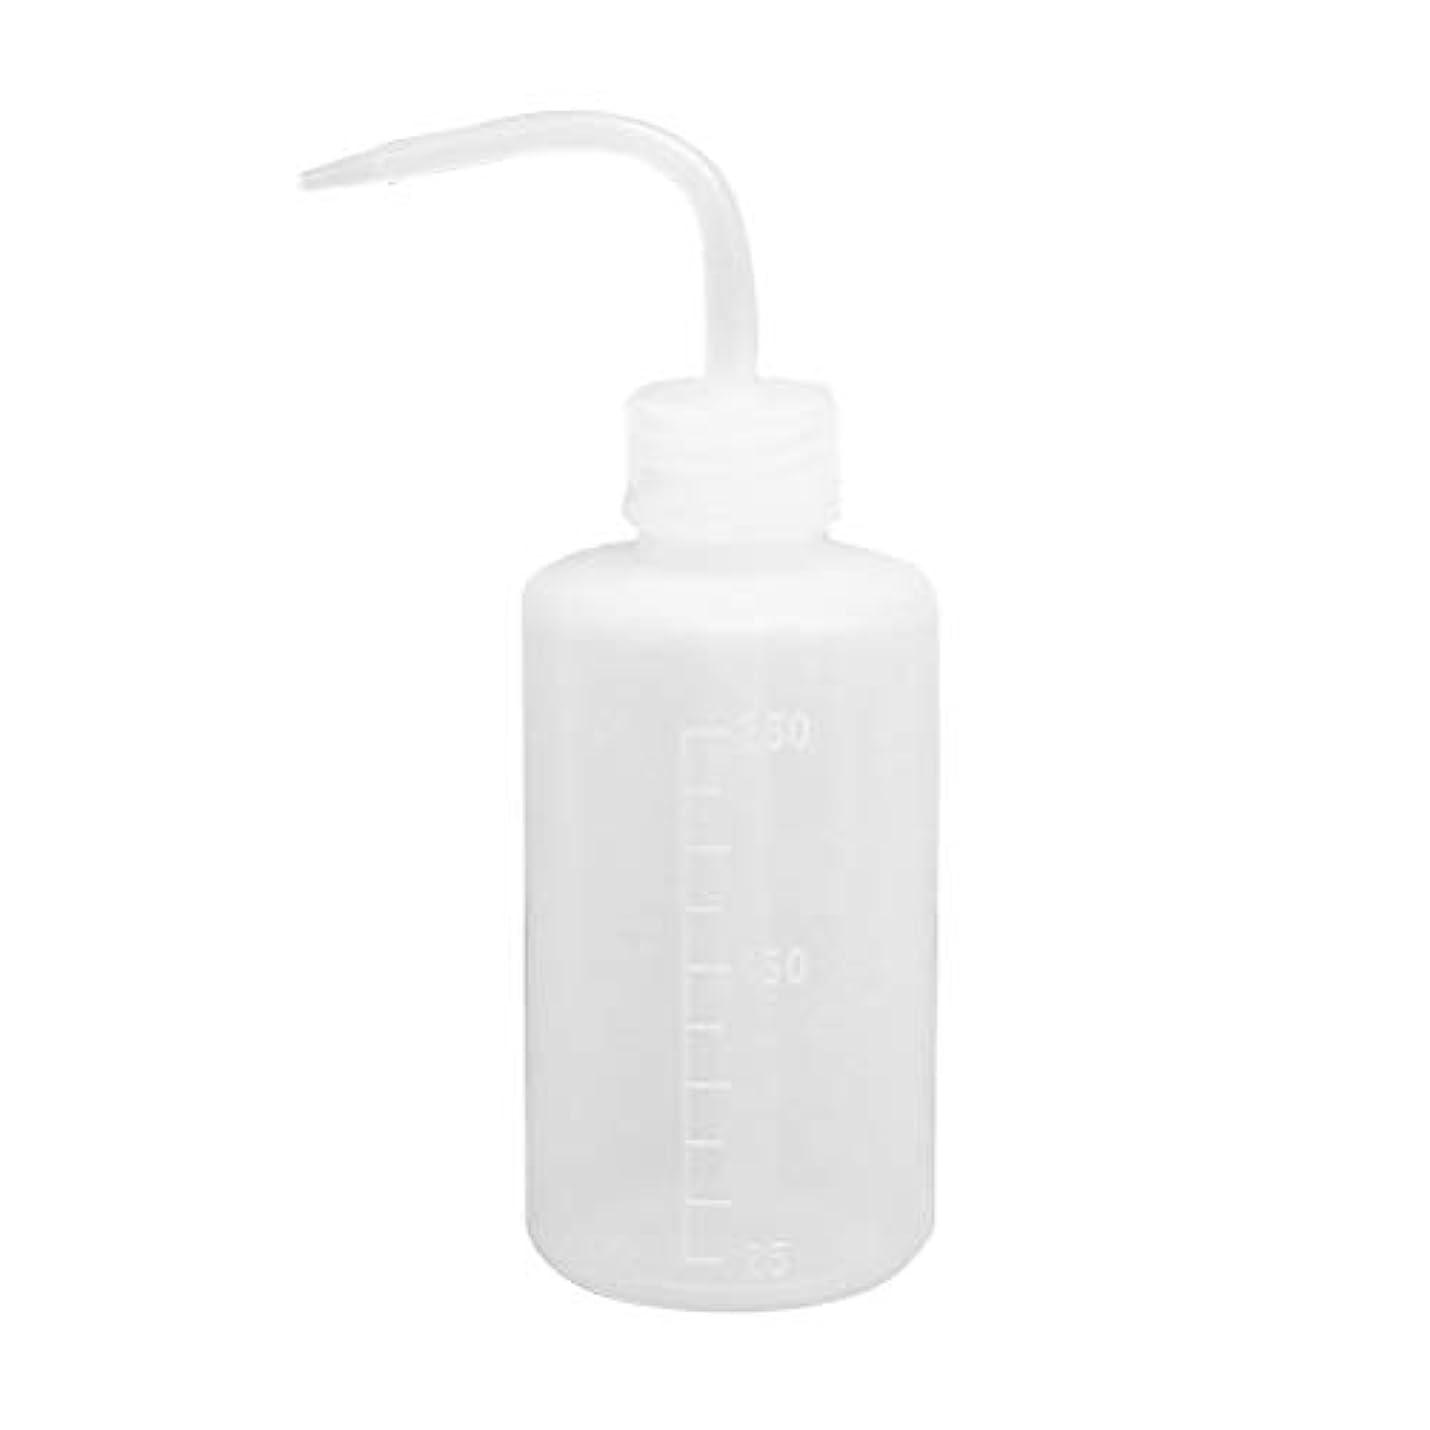 おめでとうフレームワークメロンHealifty ベント口付き洗浄瓶絞り瓶250ml